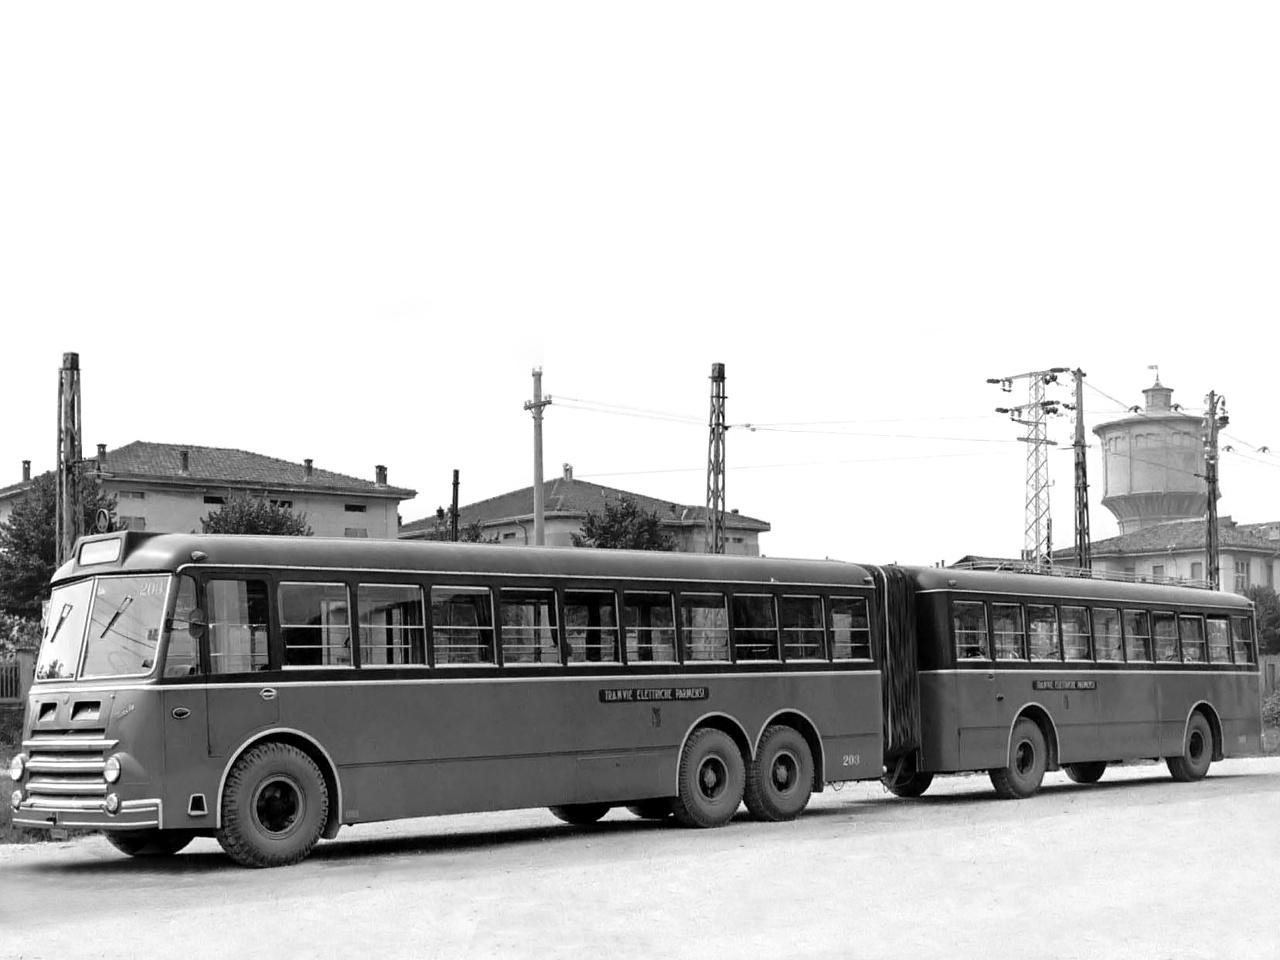 Az Alfa Romeo nemcsak távolsági buszokat gyártott, hanem városiakat is. A gázmotoros, 12,5 literes, 140 lóerős Alfa-motoros, háromtengelyes, 12 méteres és az öttengelyes, 22 méteres, csuklós A 140-esből 1953 és 1958 között összesen 137 darabot gyártottak három üzemegységben, a milánói ATM közlekedési vállalat részére.